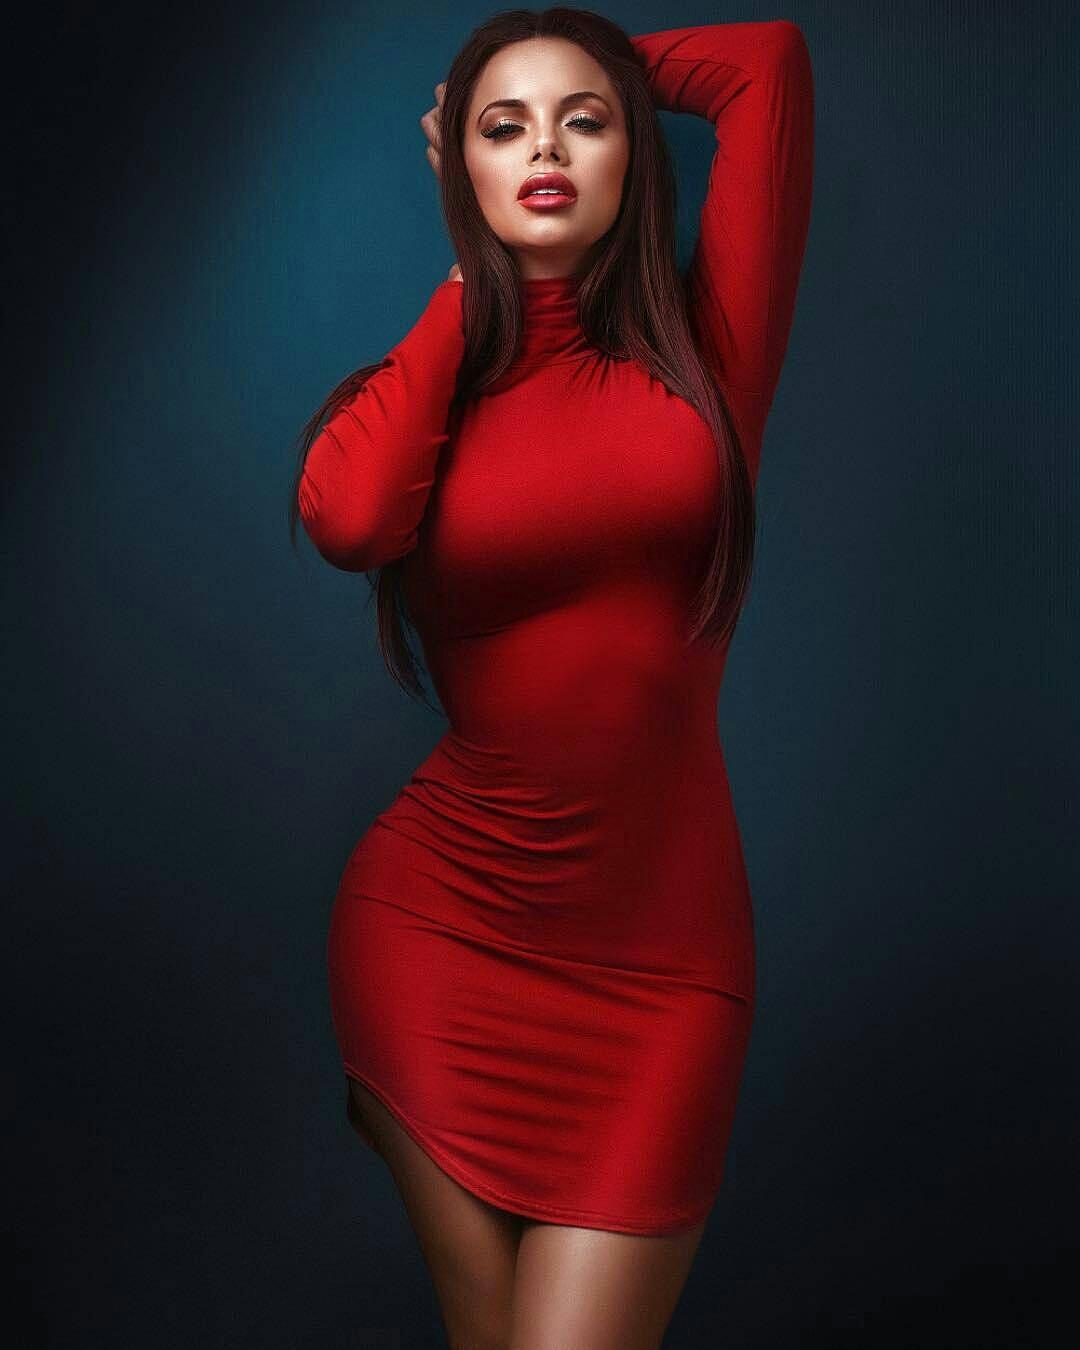 Sexy infomercials